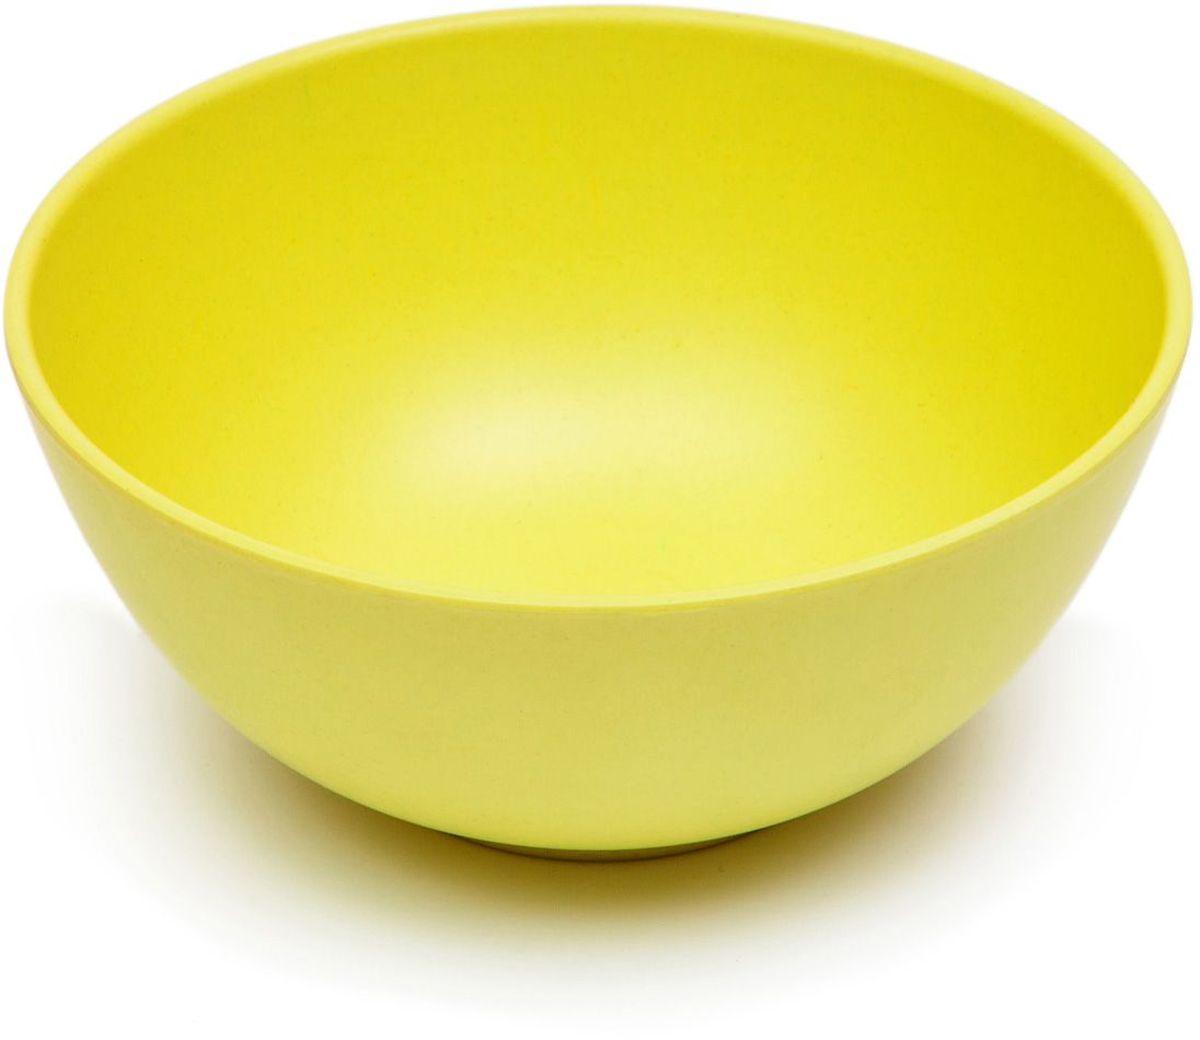 Тарелка глубокая MOULINvilla, цвет: желтый, диаметр 16 смTSF-22-GМиска глубокая MOULINvilla изготовлена из природного бамбука, очищенного от вредных примесей. Для окраски используются натуральные пищевые красители. Бамбук, сам по себе, является природным антисептиком. Эта уникальная особенность посуды гарантирует безопасность при эксплуатации и хранении различных видов пищевой продукции. Можно мыть в посудомоечной машине. Можно использовать в СВЧ печах на короткое время.